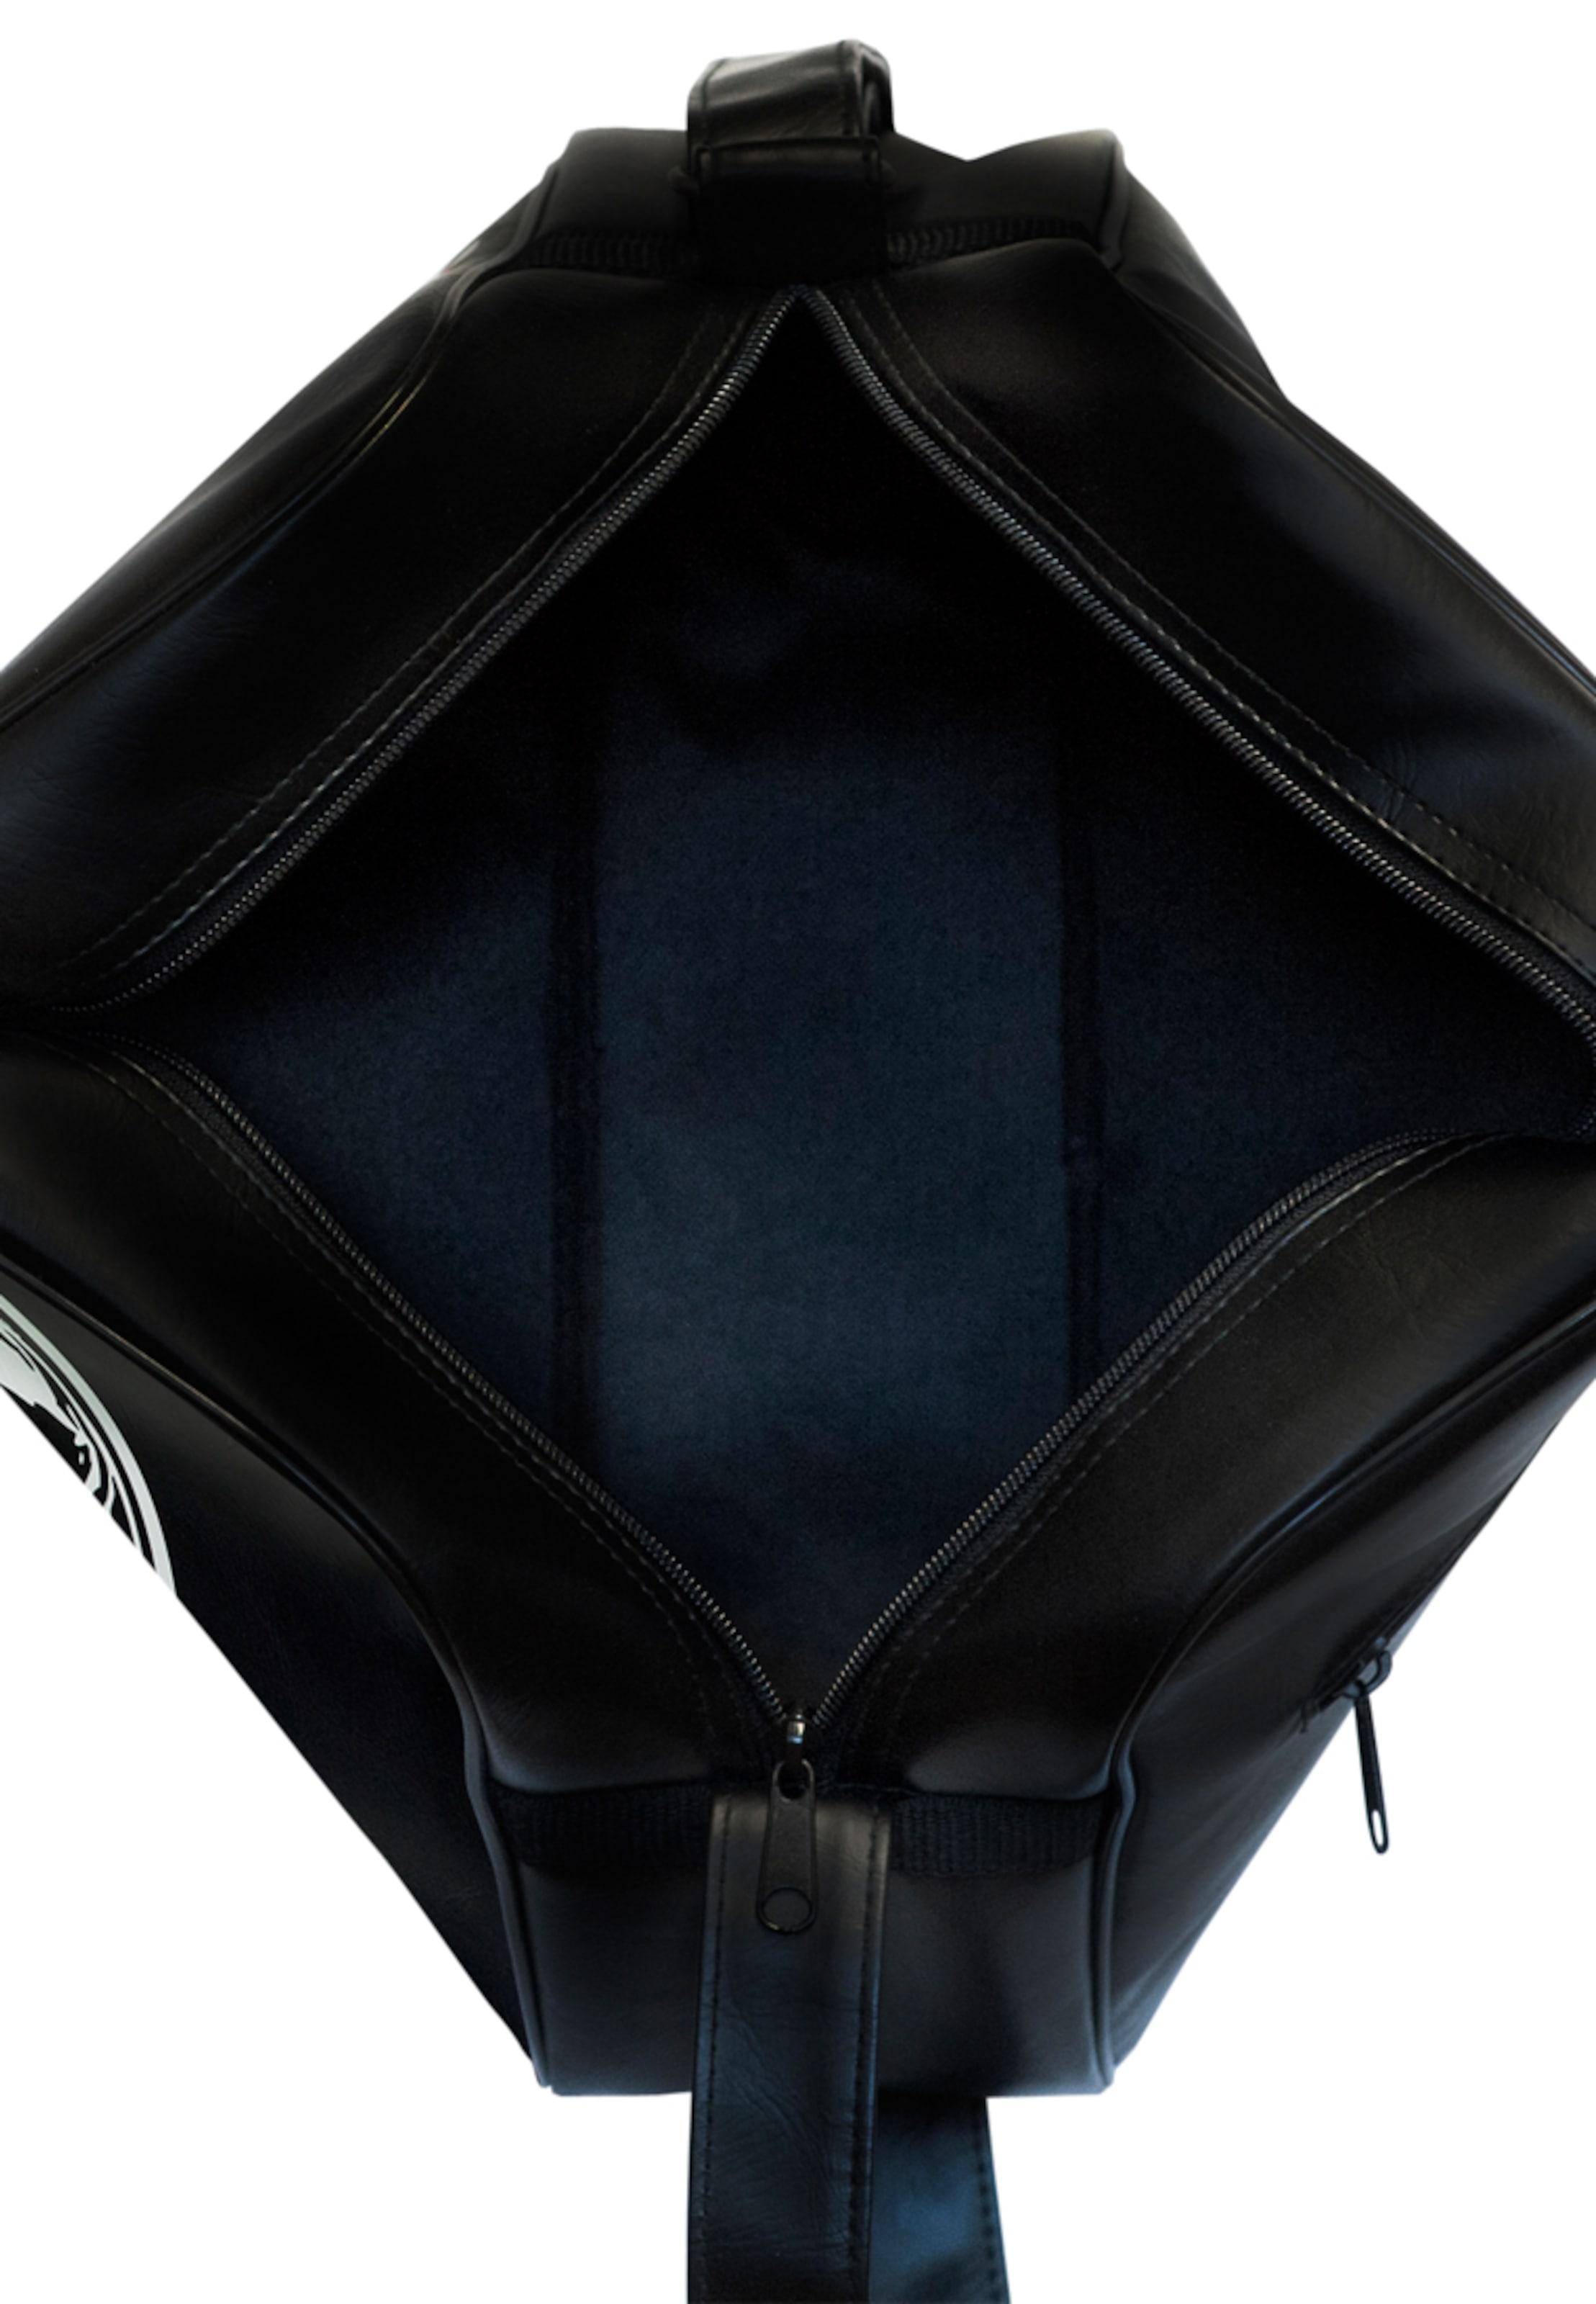 LOGOSHIRT Tasche 'Darth Vader - Krieg der Sterne' Billig Verkauf 100% Authentisch Steckdose Shop Besonders Neueste Günstig Online xasLo37w